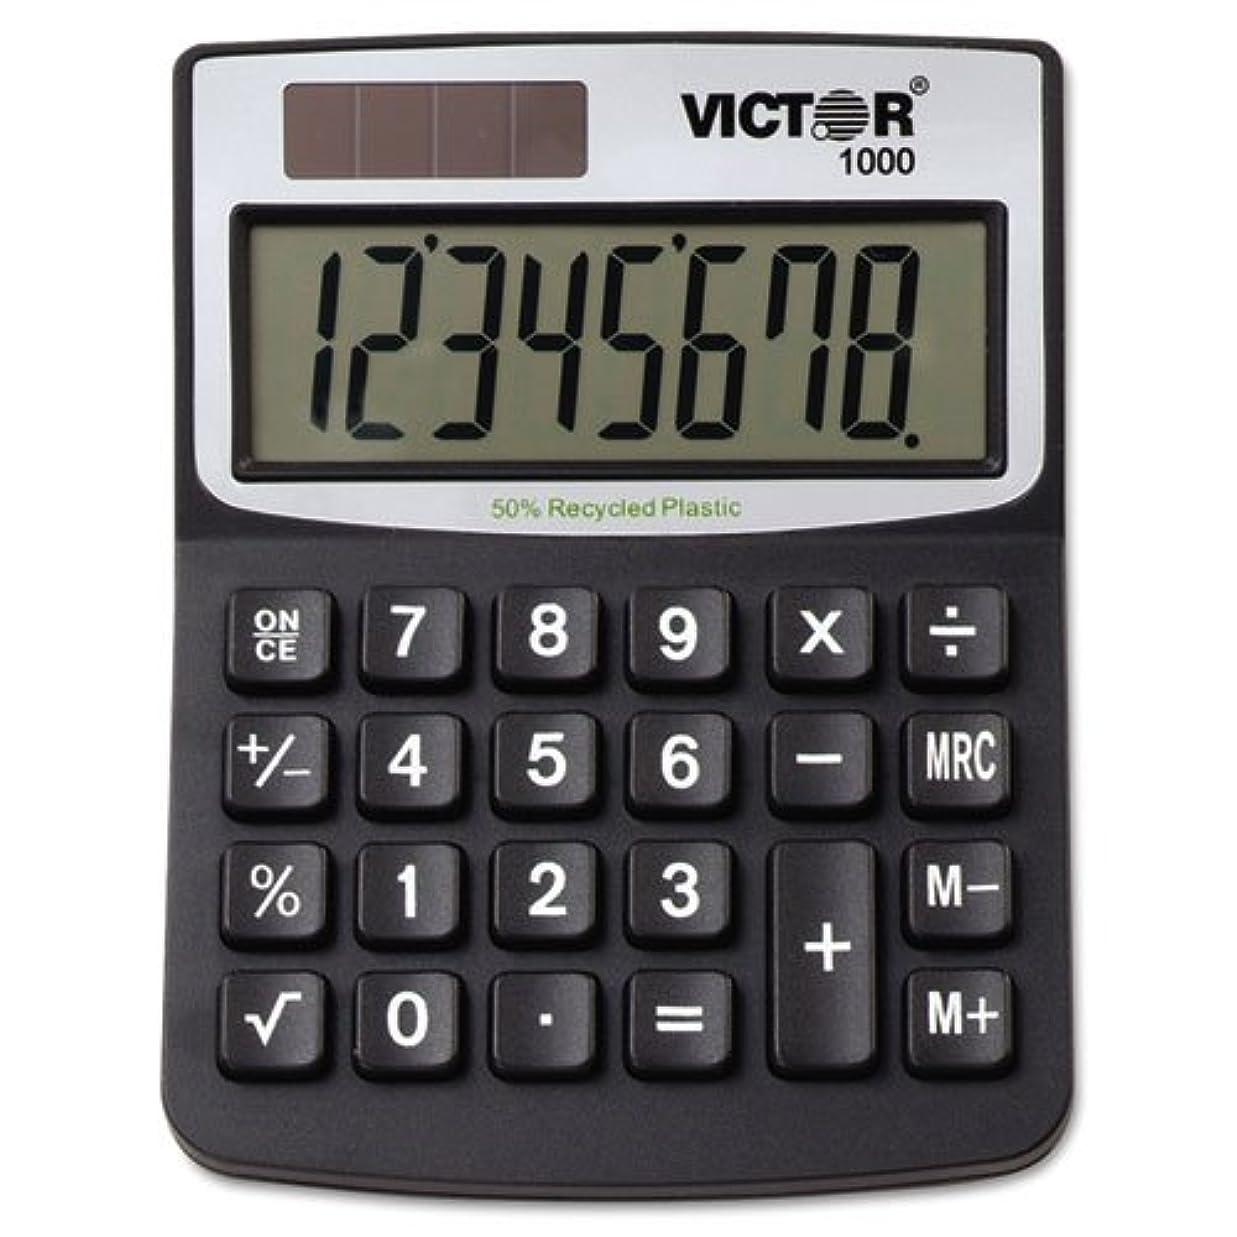 リットル湿気の多い参照するvct1000?–?Victor 11000ミニデスクトップ電卓